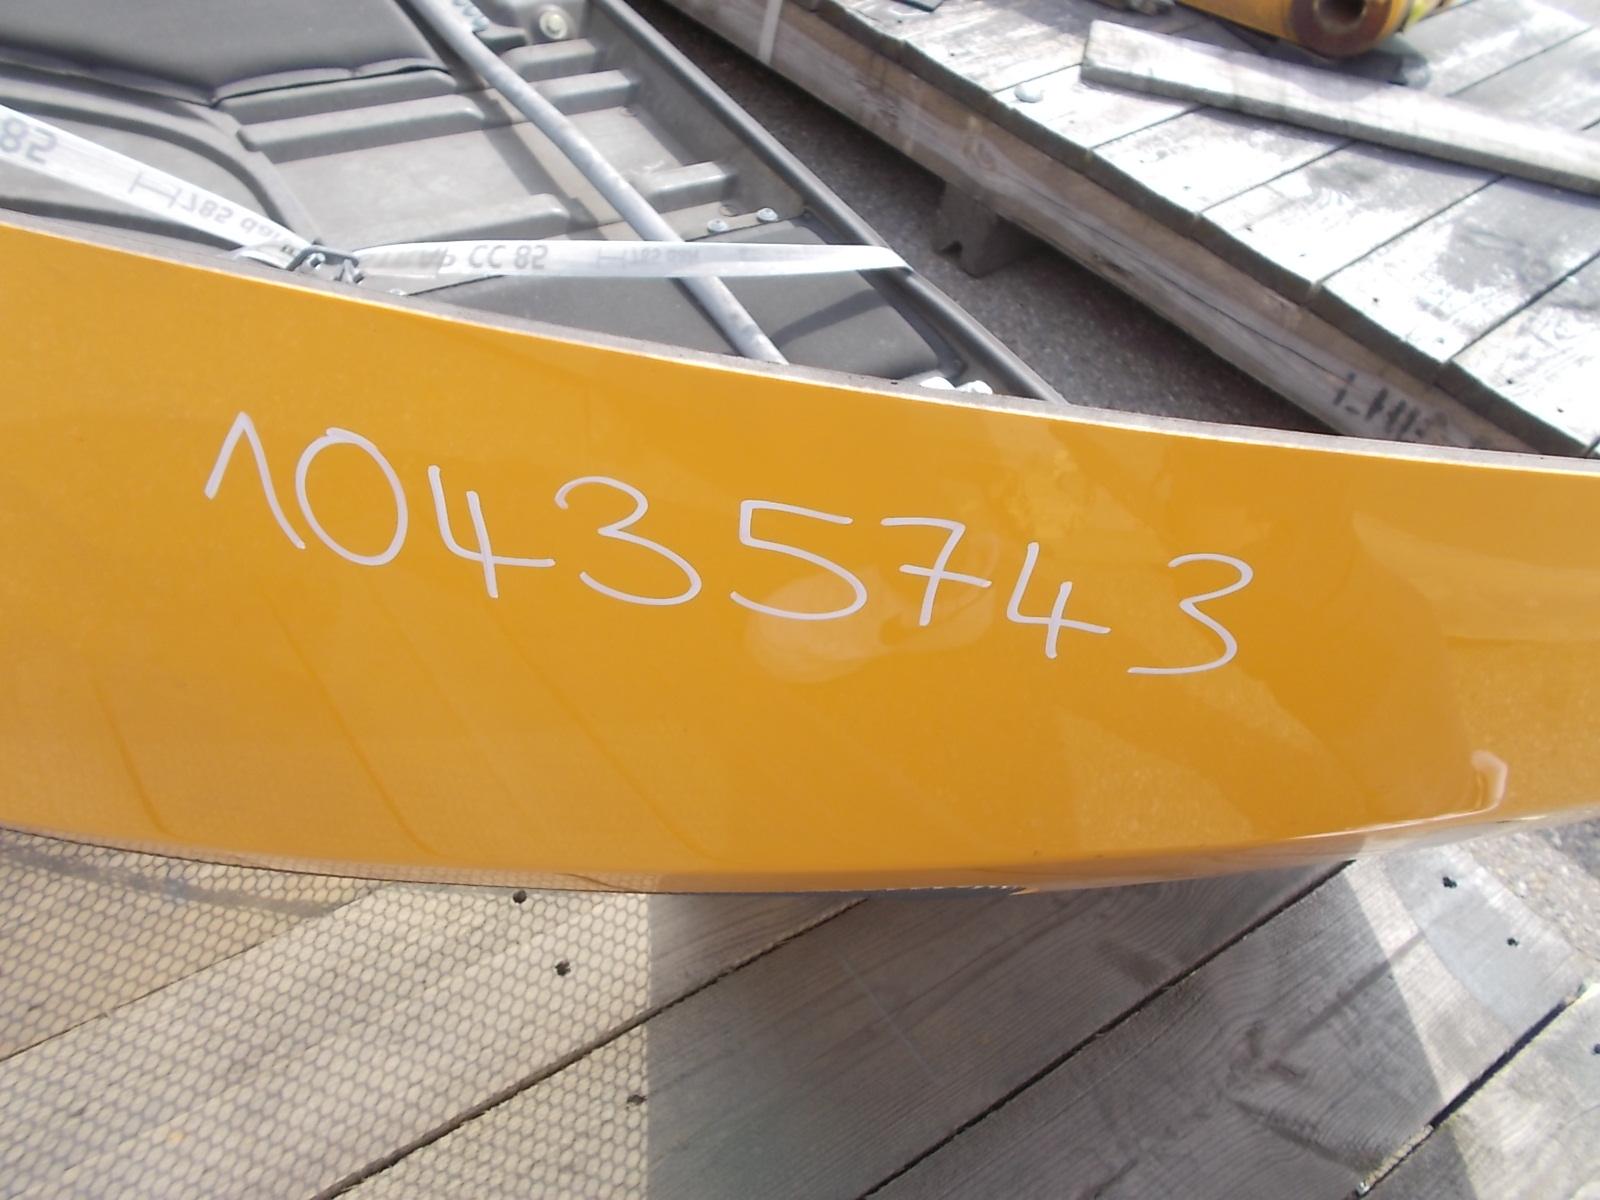 DSCN2343.JPG